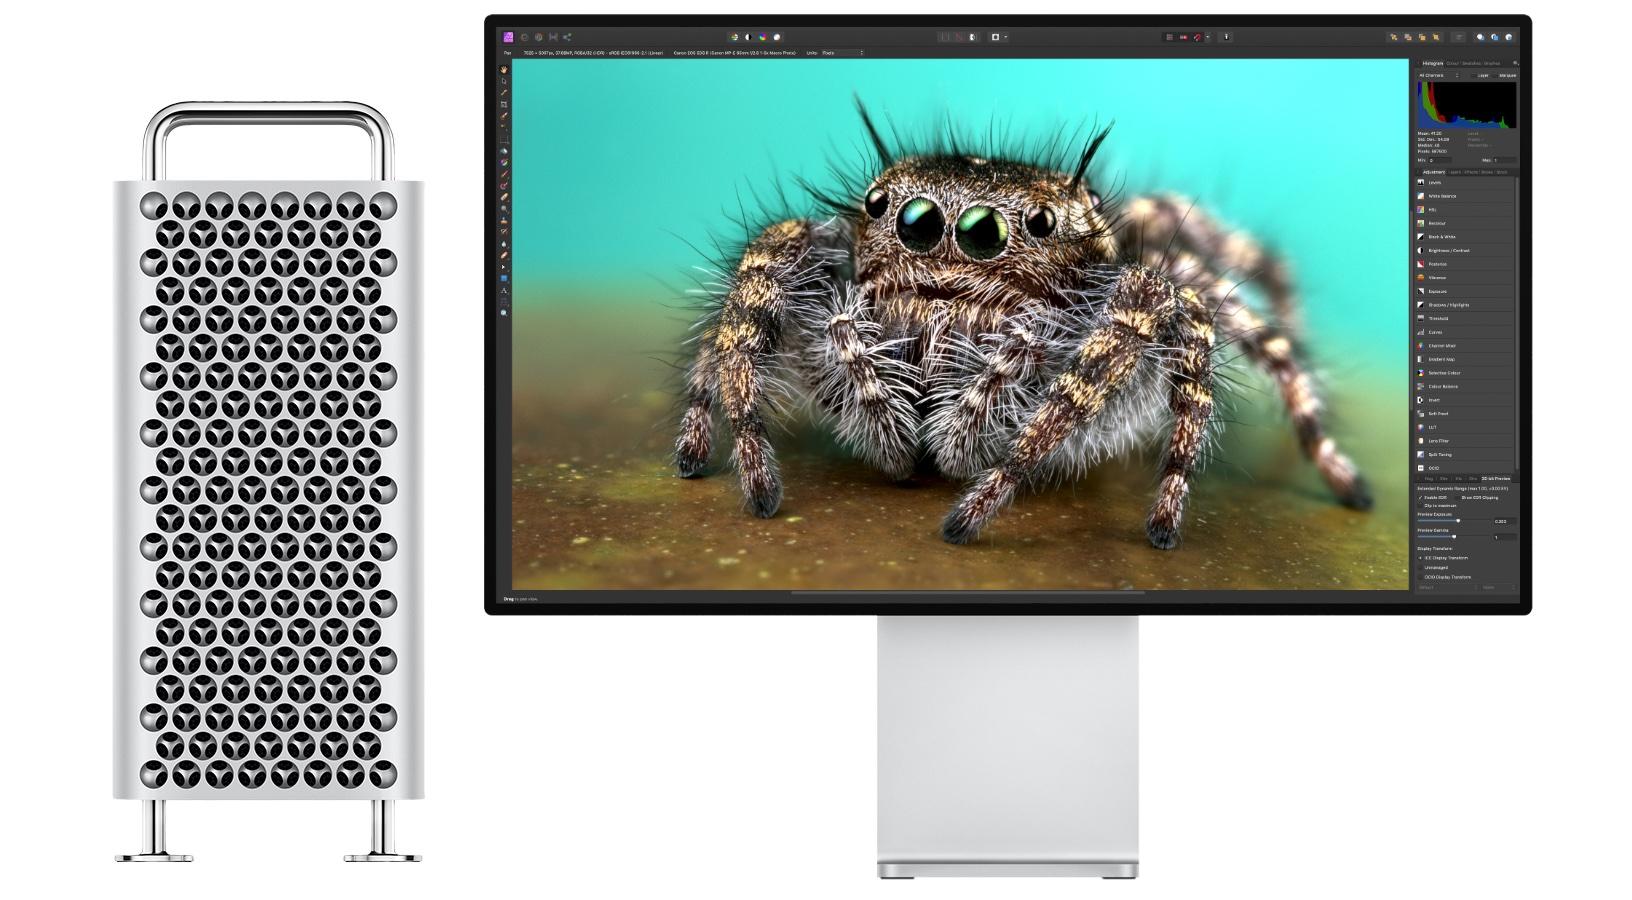 Mac Pro (2019)とPro Display XDRモニタ、Affinity Photo